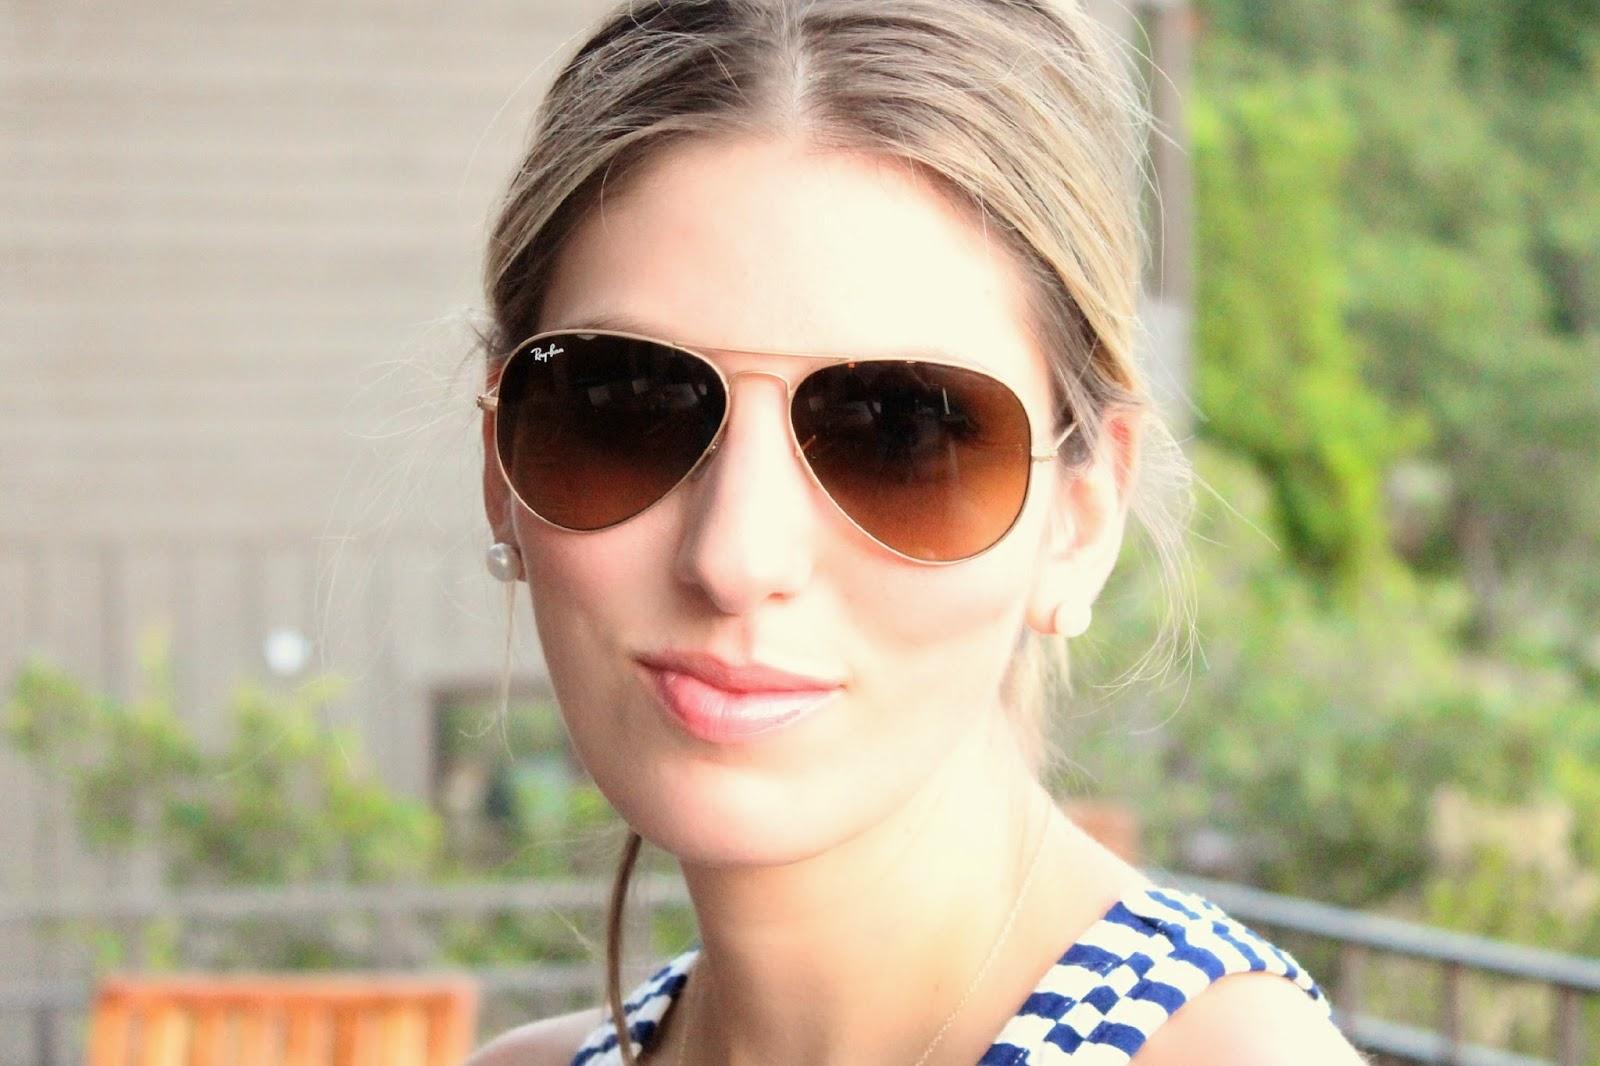 Aviator sunglasses for small face - Aviator Sunglasses For Small Face 5